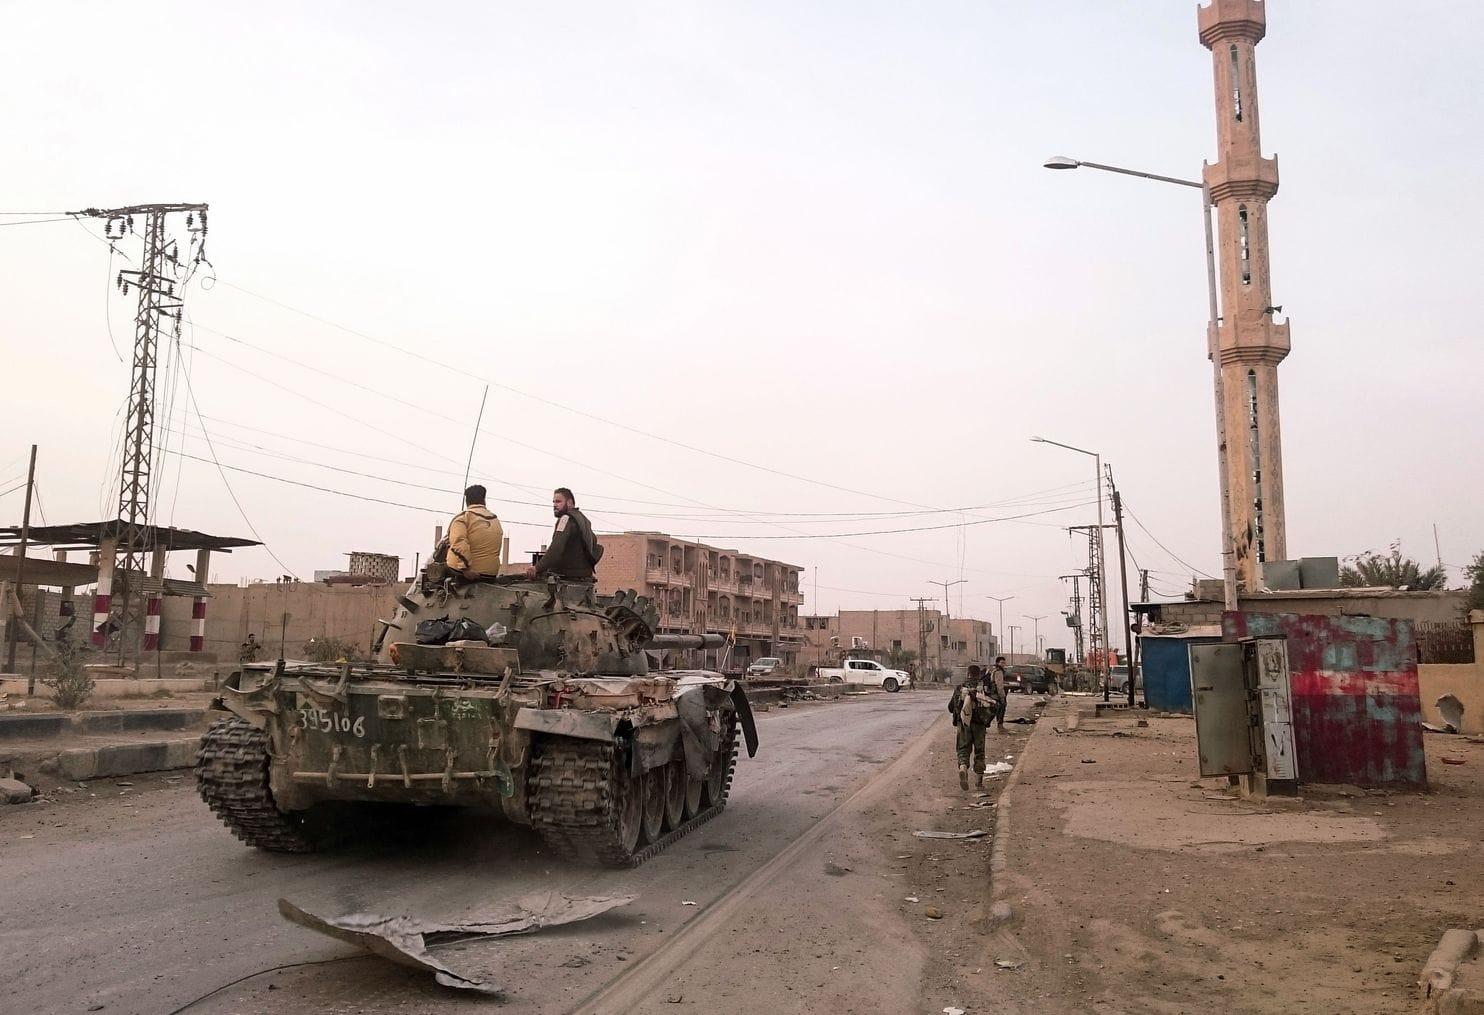 بعد خسائر فادحة بالأرواح والعتاد: إيران تغيّر مواقعها في دير الزور هرباً من الاستهدافات الجوية